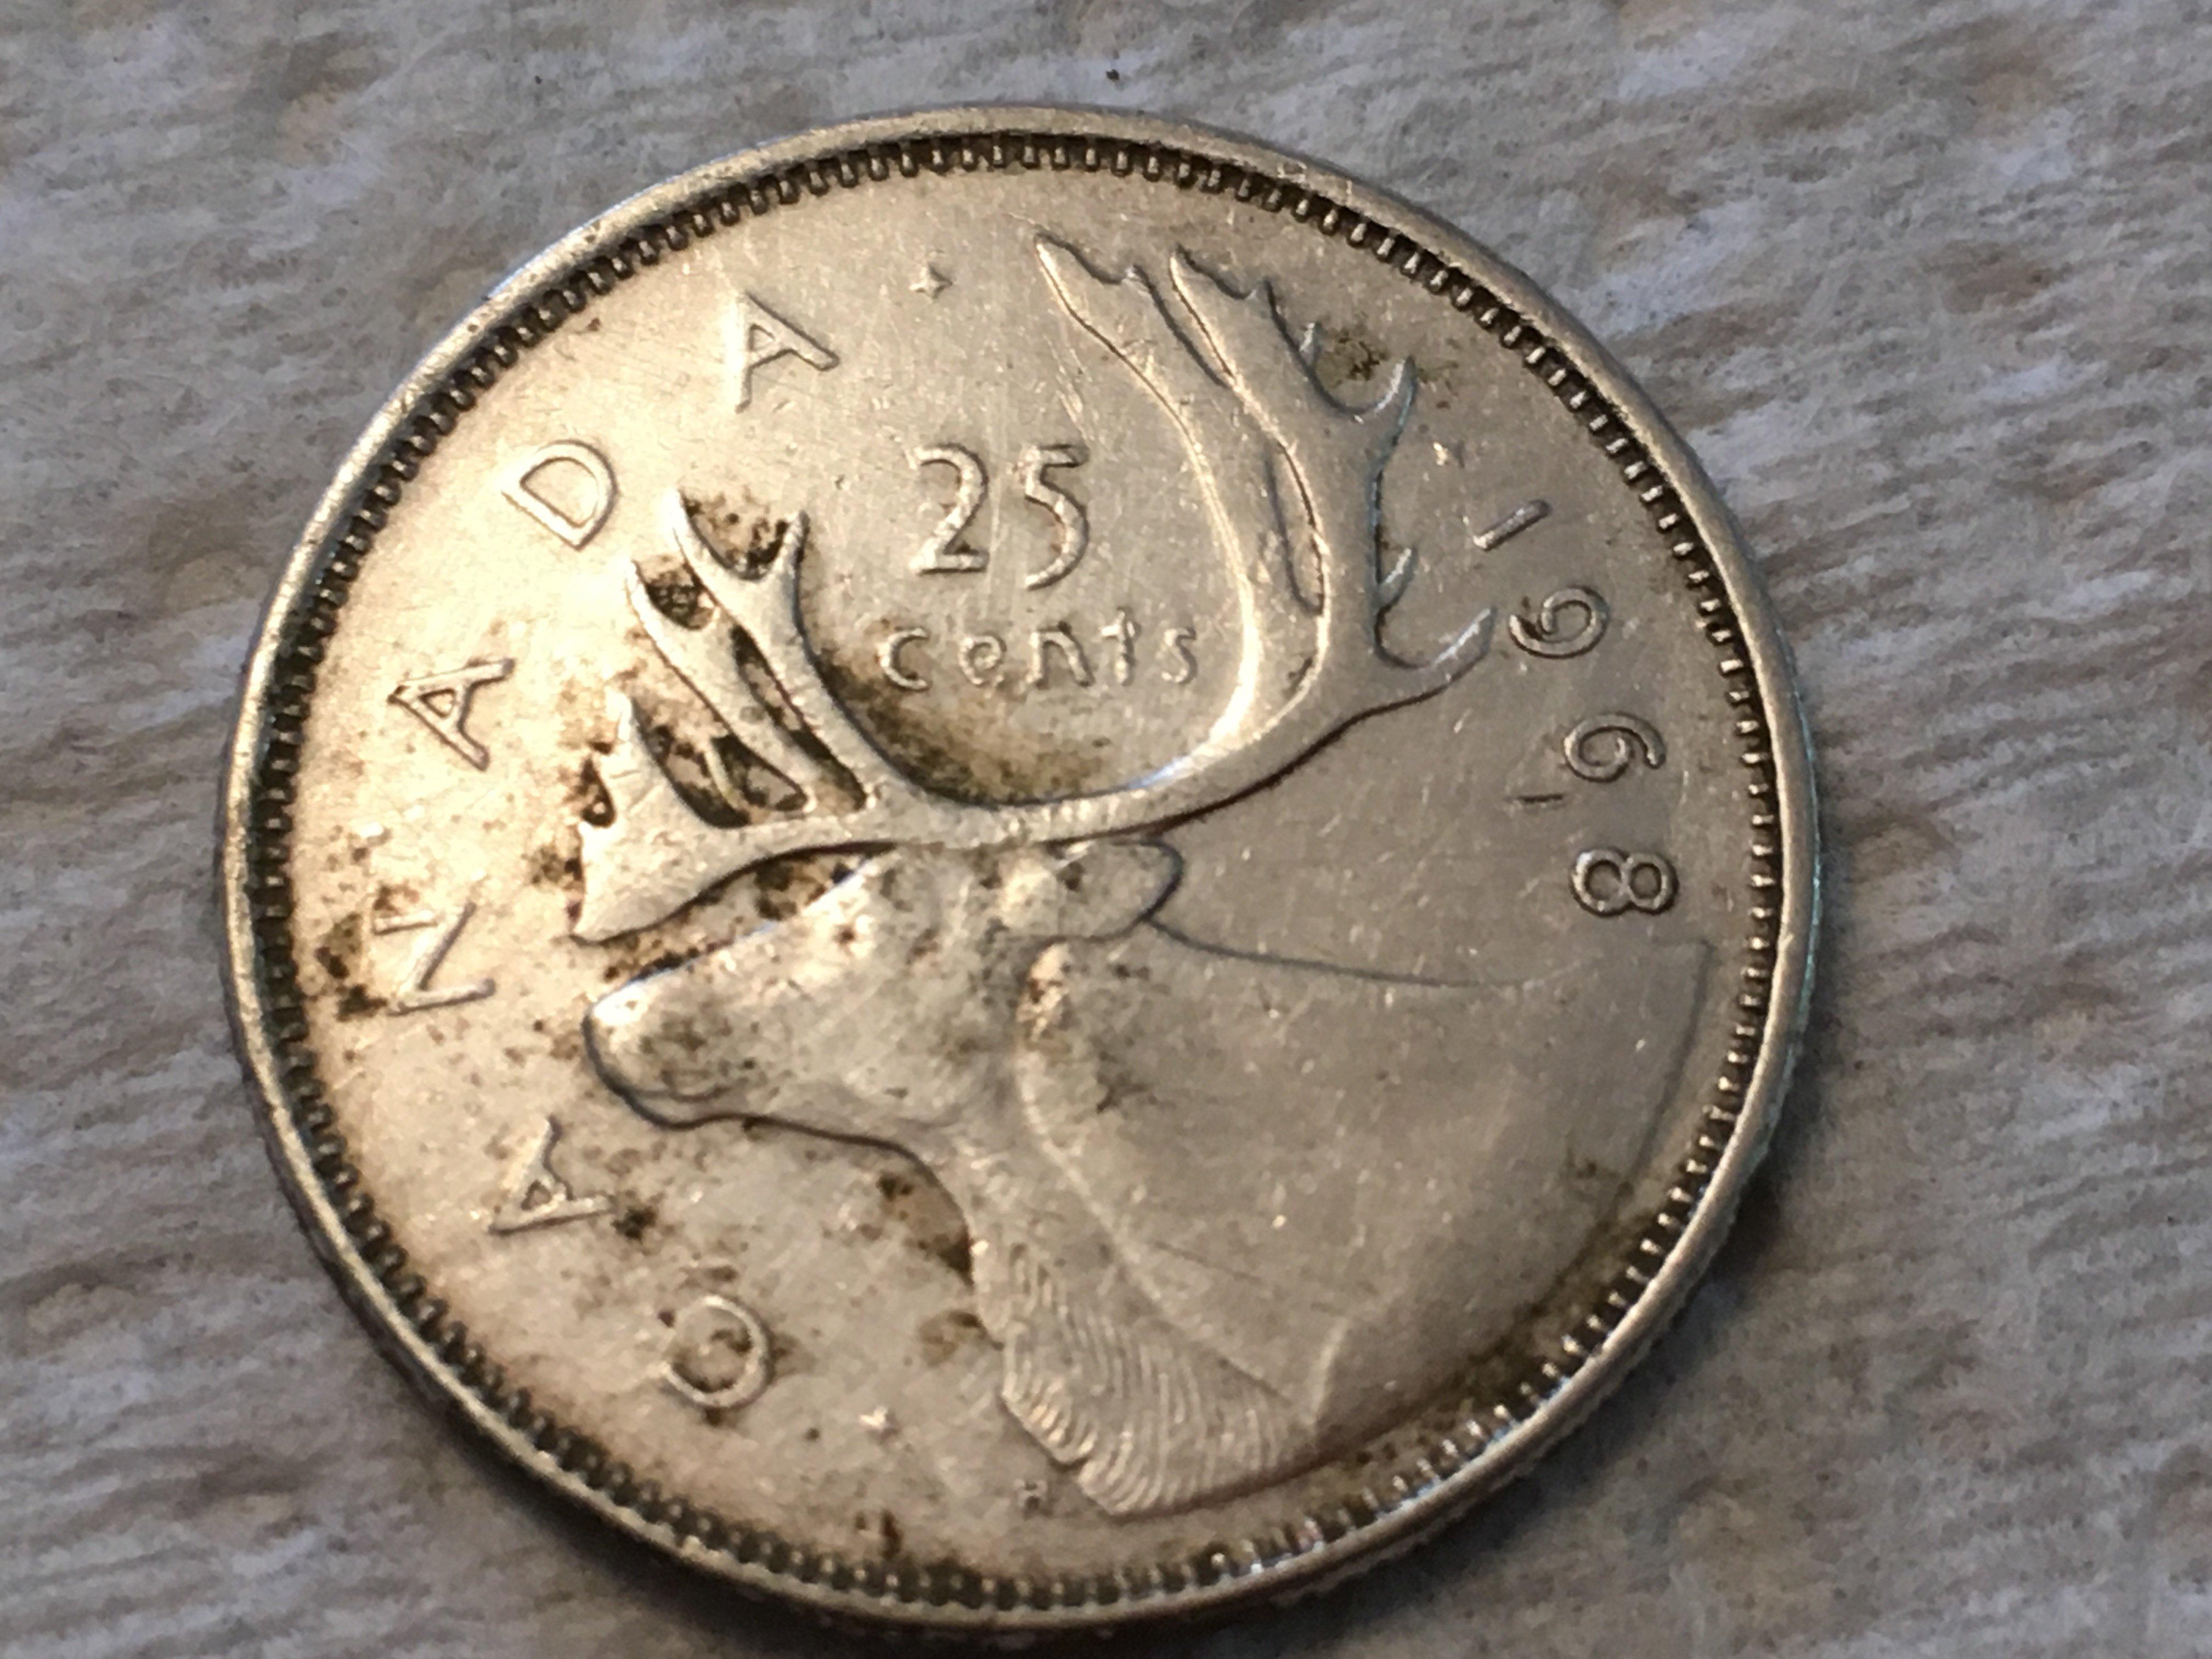 https://0901.nccdn.net/4_2/000/000/038/2d3/2018-Silver-Quarter-4032x3024.jpg